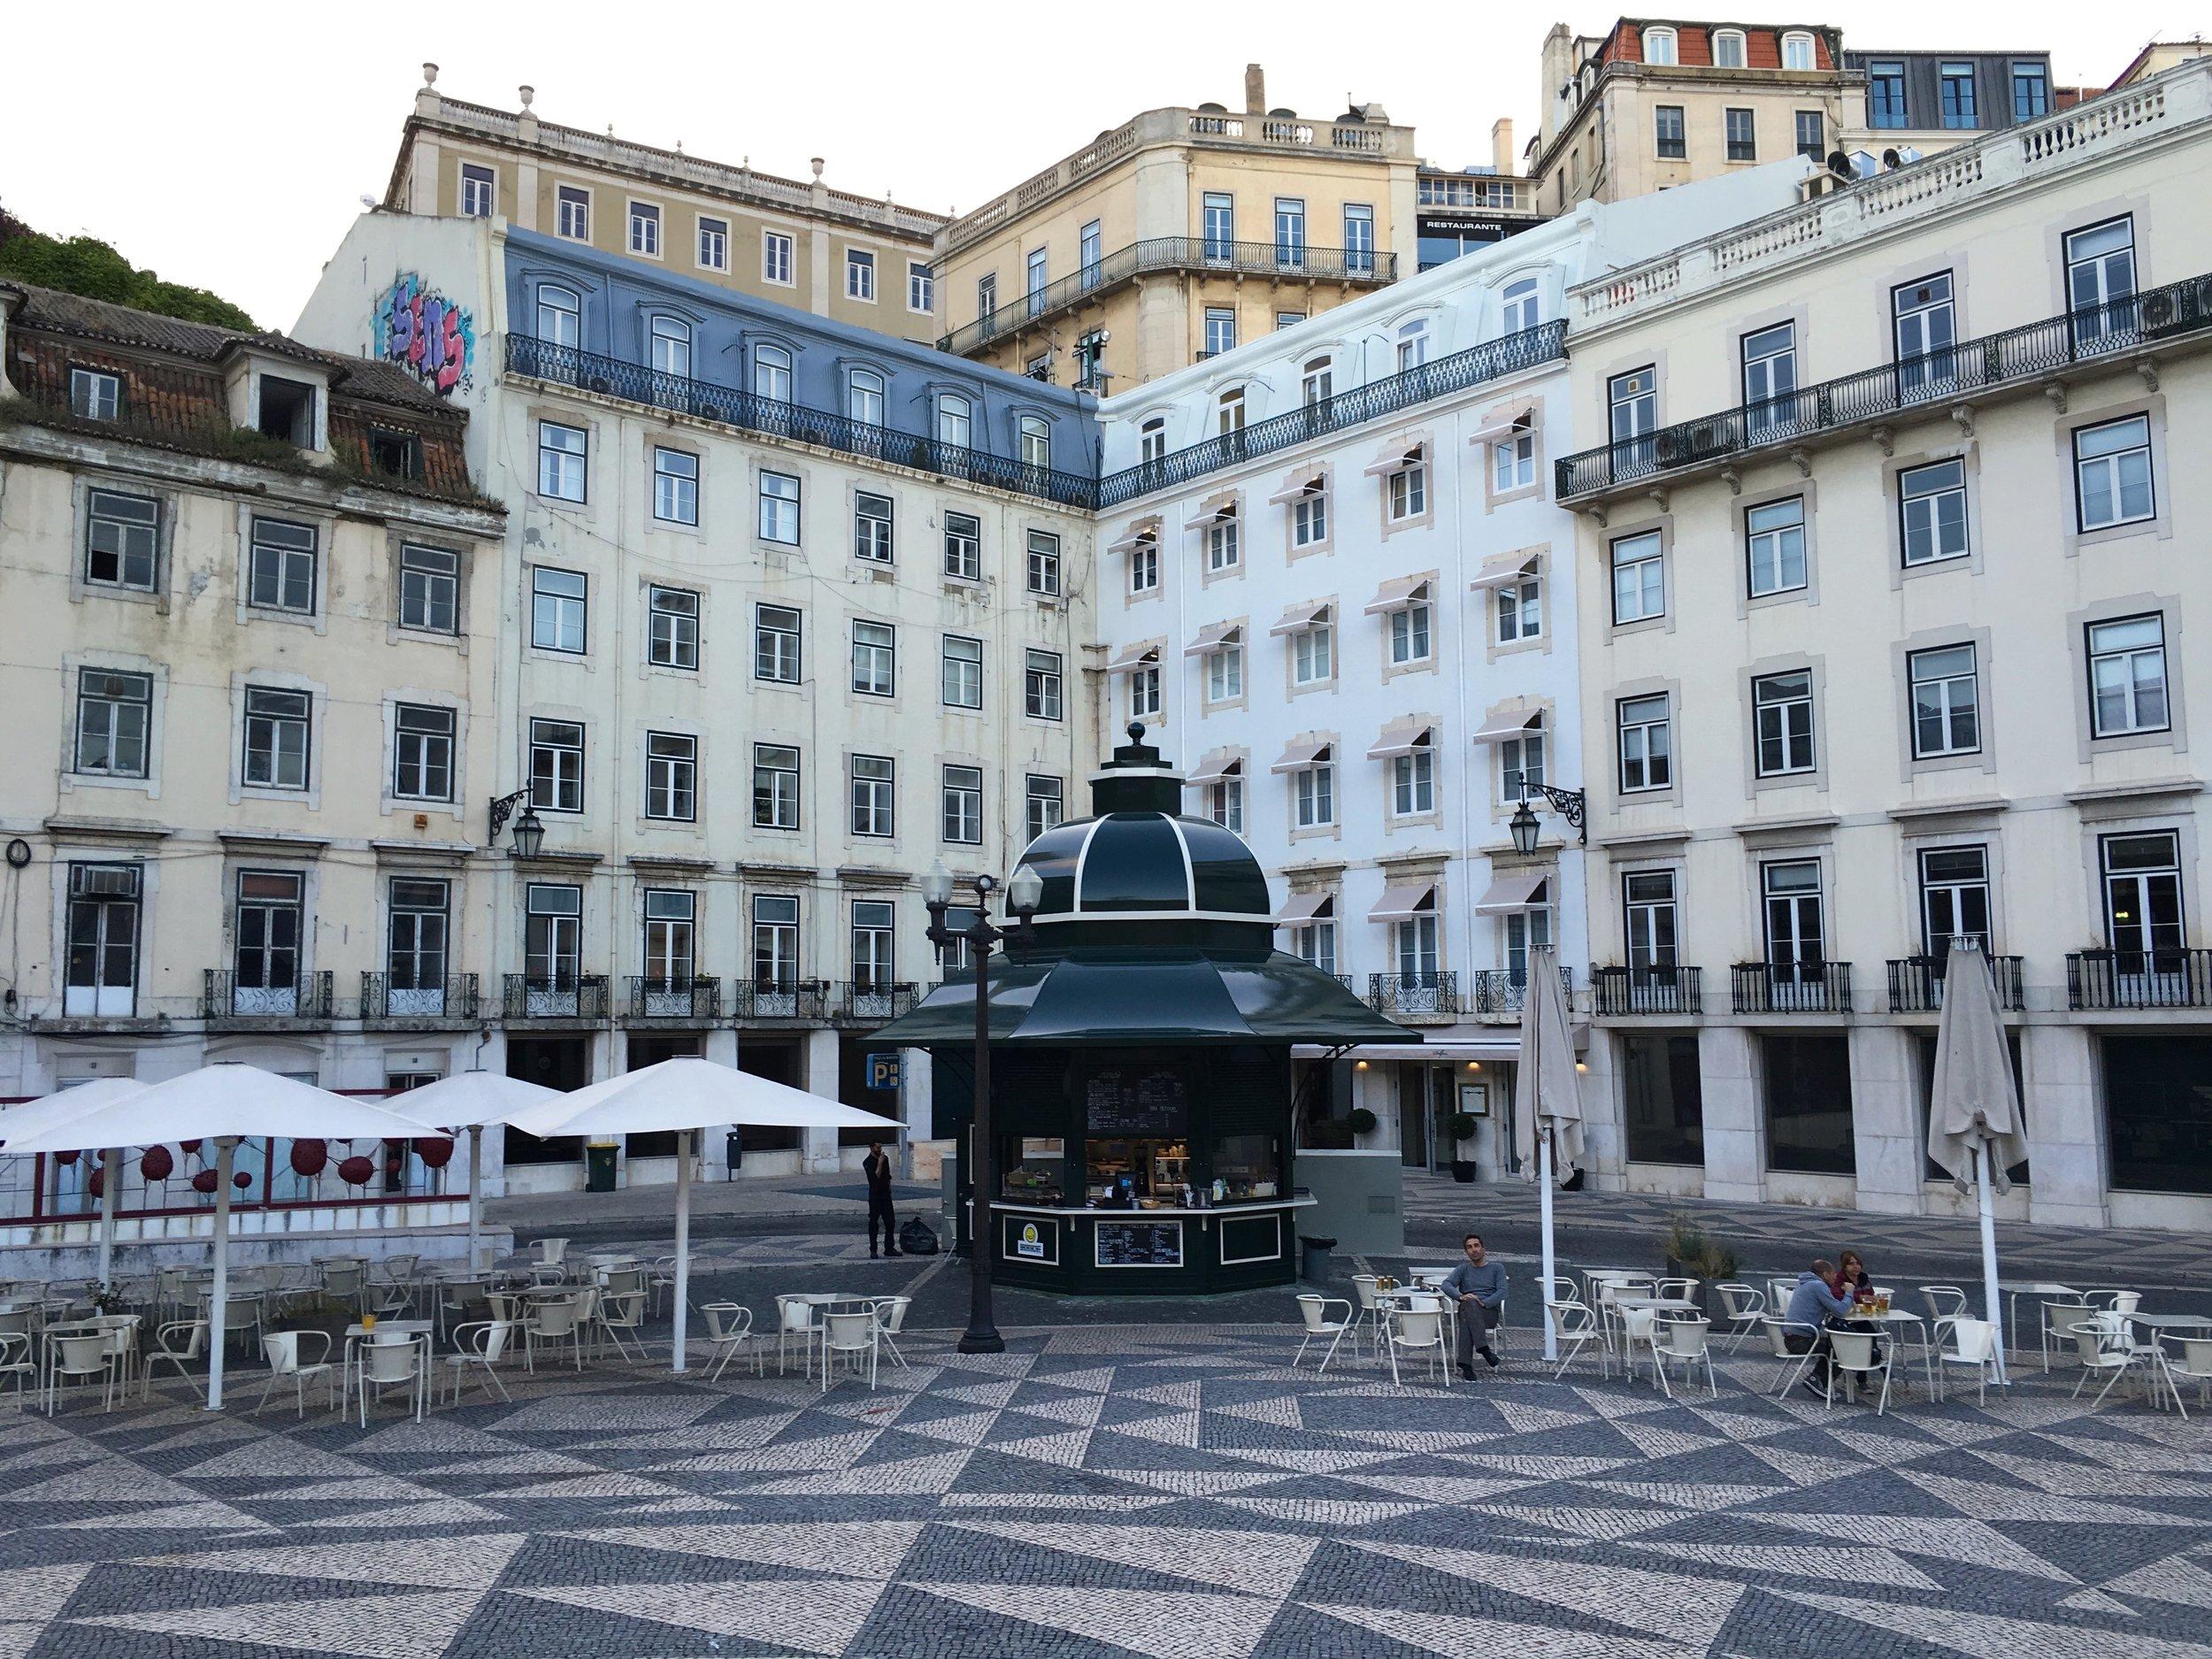 Quiosque Praça do Municipio, Lisbon